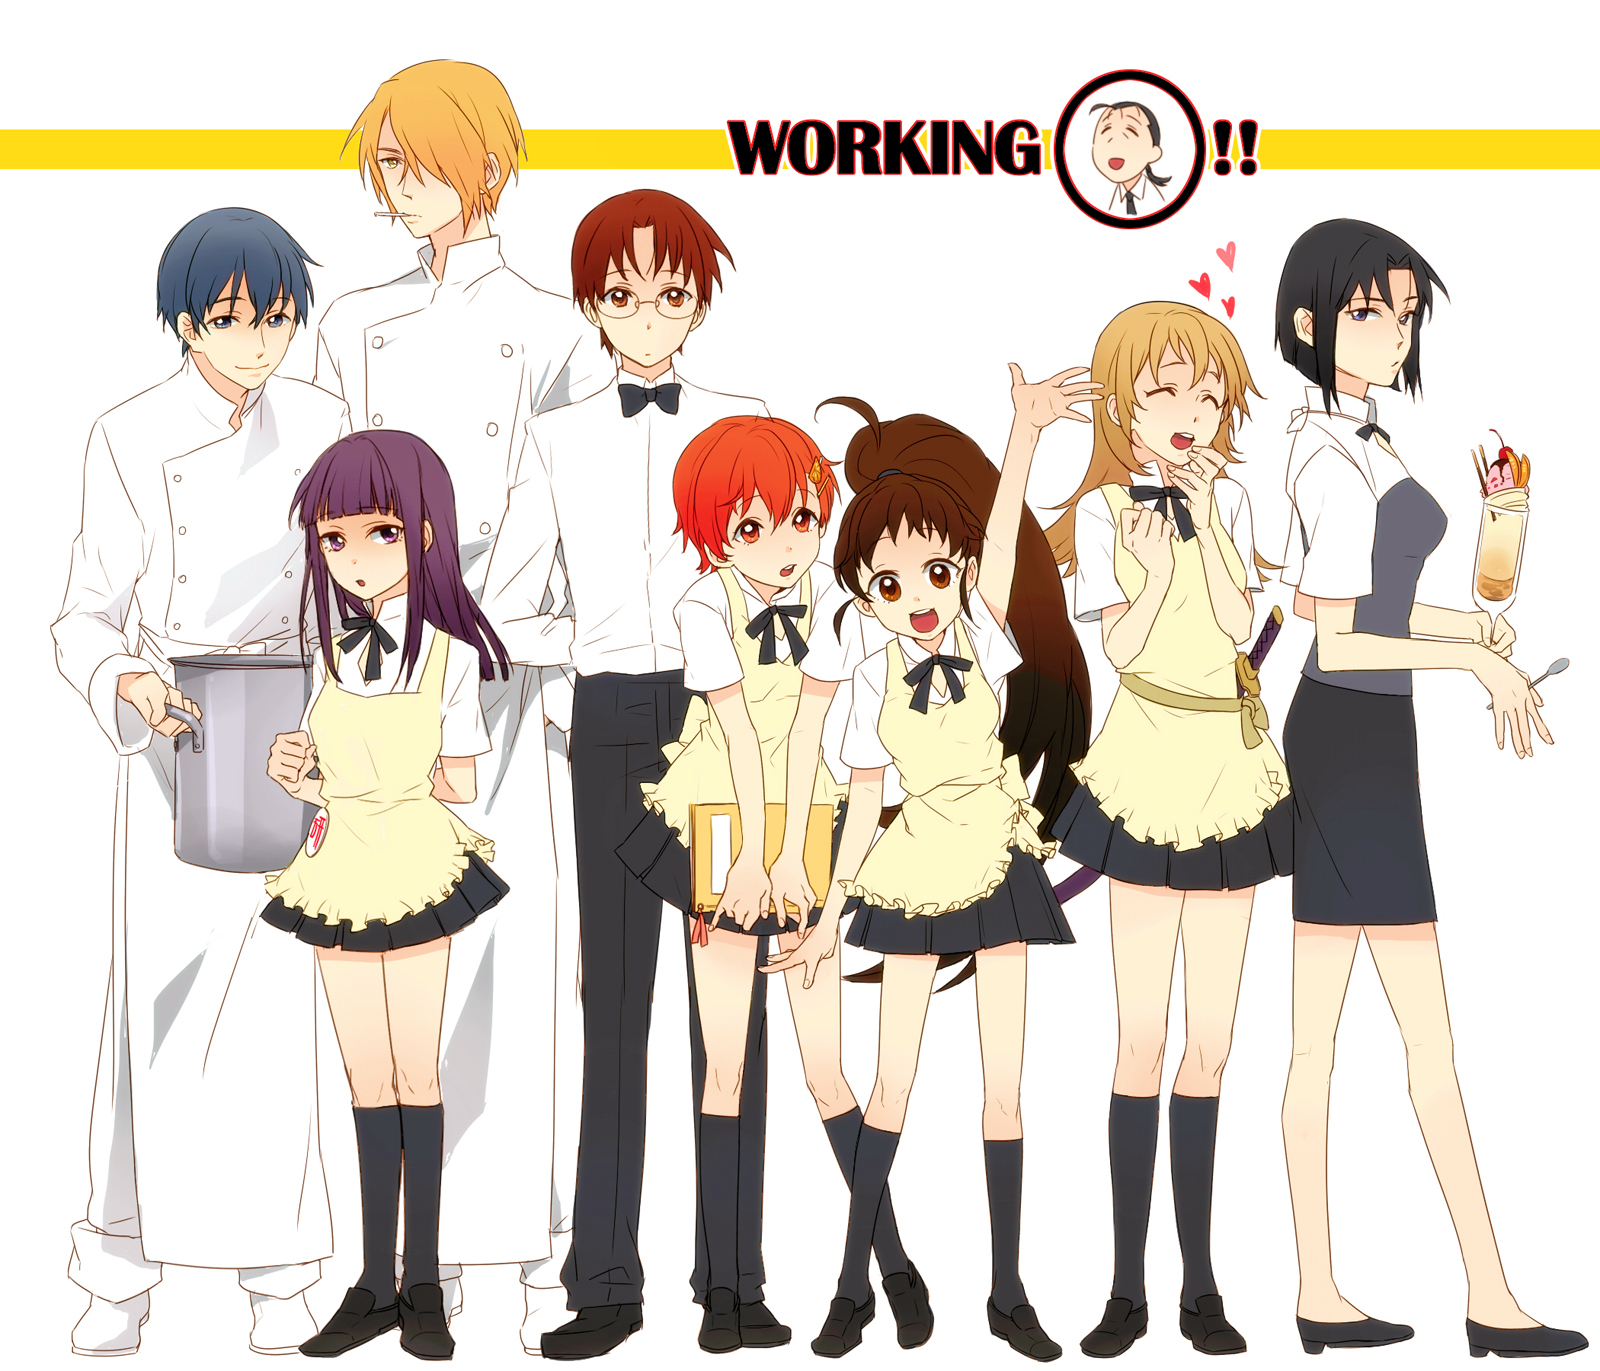 WORKINGi Clothing Anime Mangaka Uniform